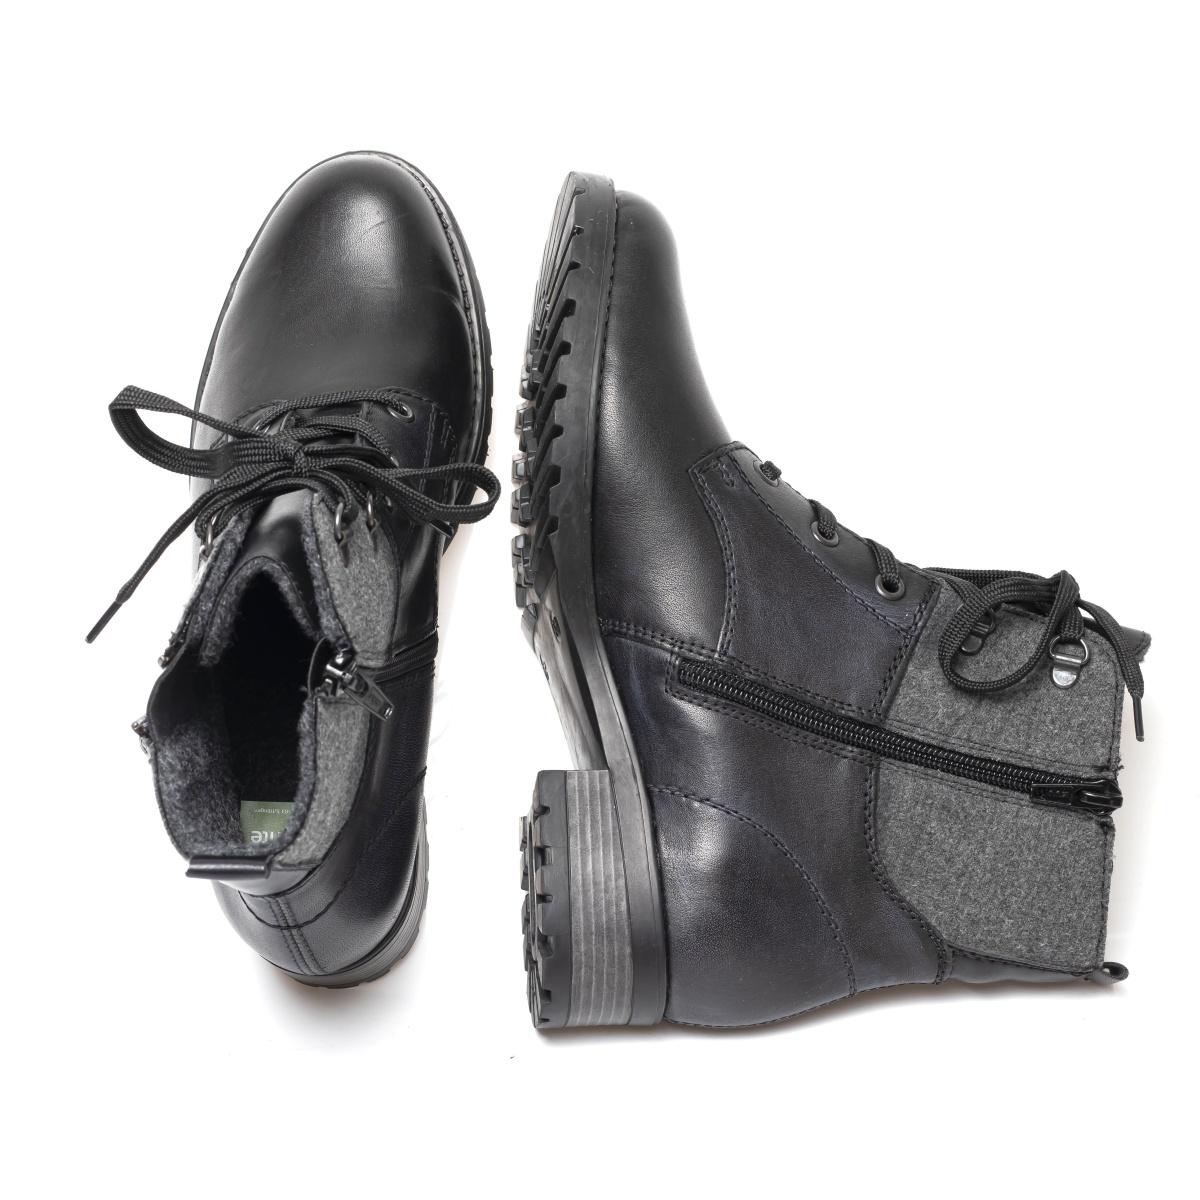 dd25b58207 detail Dámska obuv REMONTE BY RIEKER D8278-01 SCHWARZ H W 9